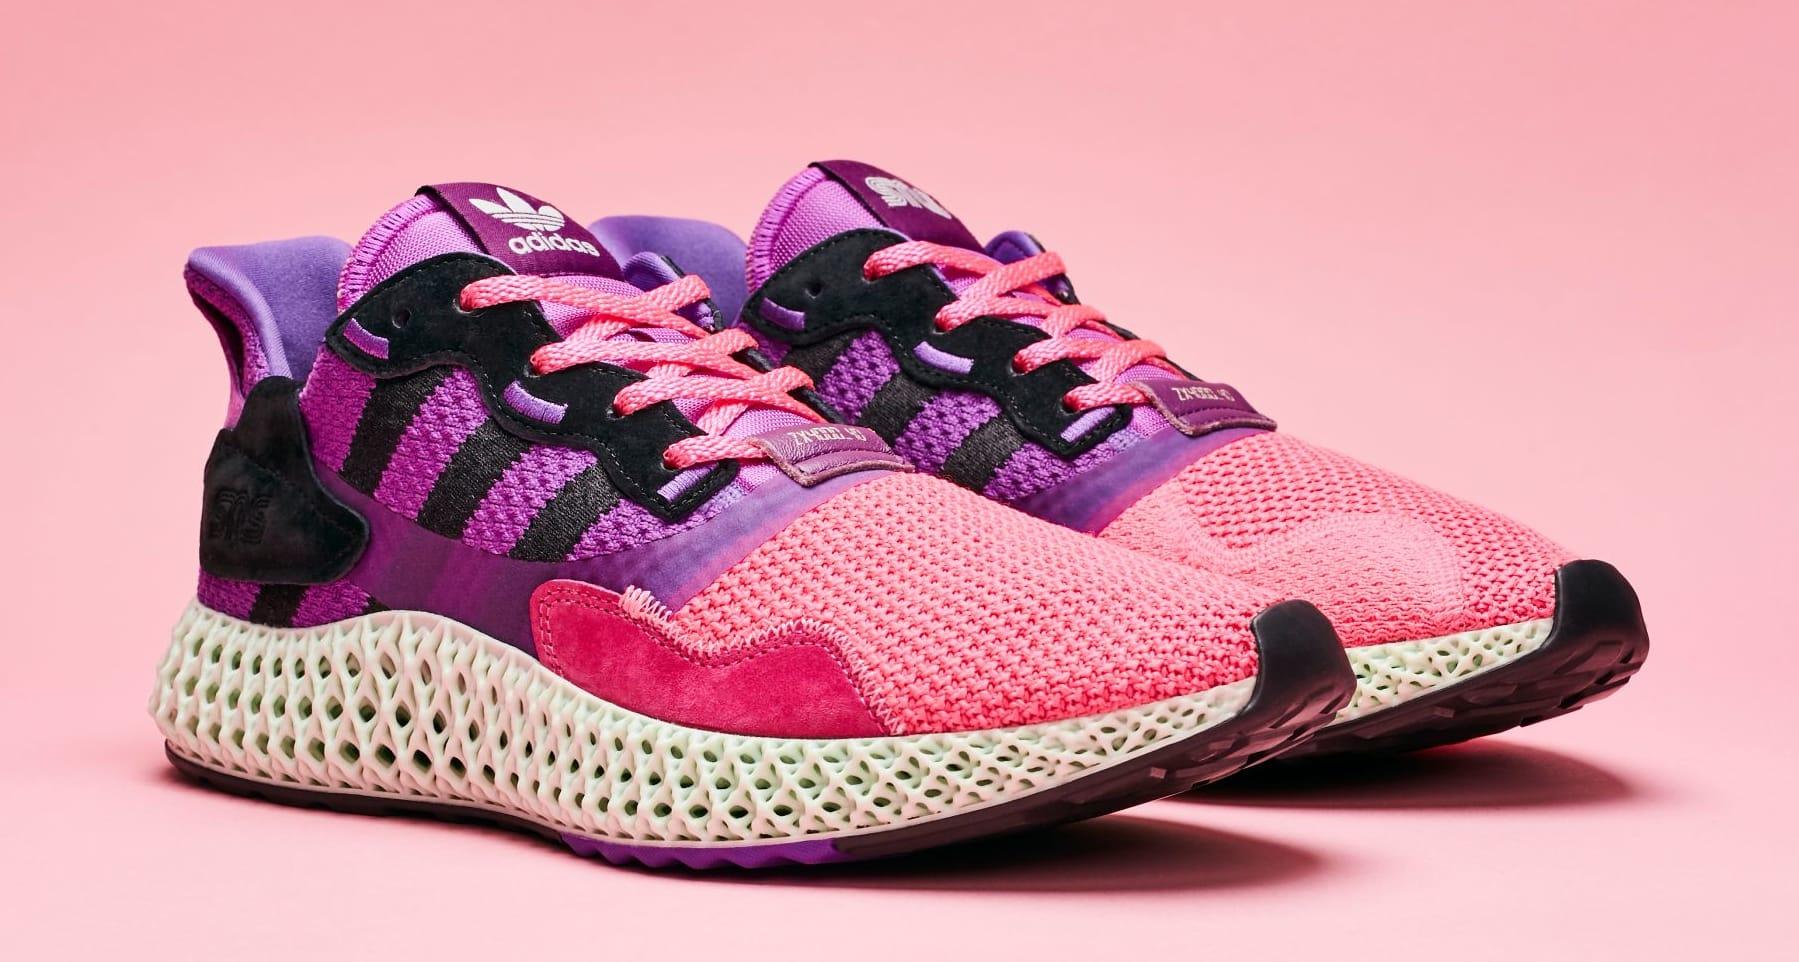 Sneakersnstuff x Adidas Consortium ZX 4000 4D 'Sunset' (Pair)